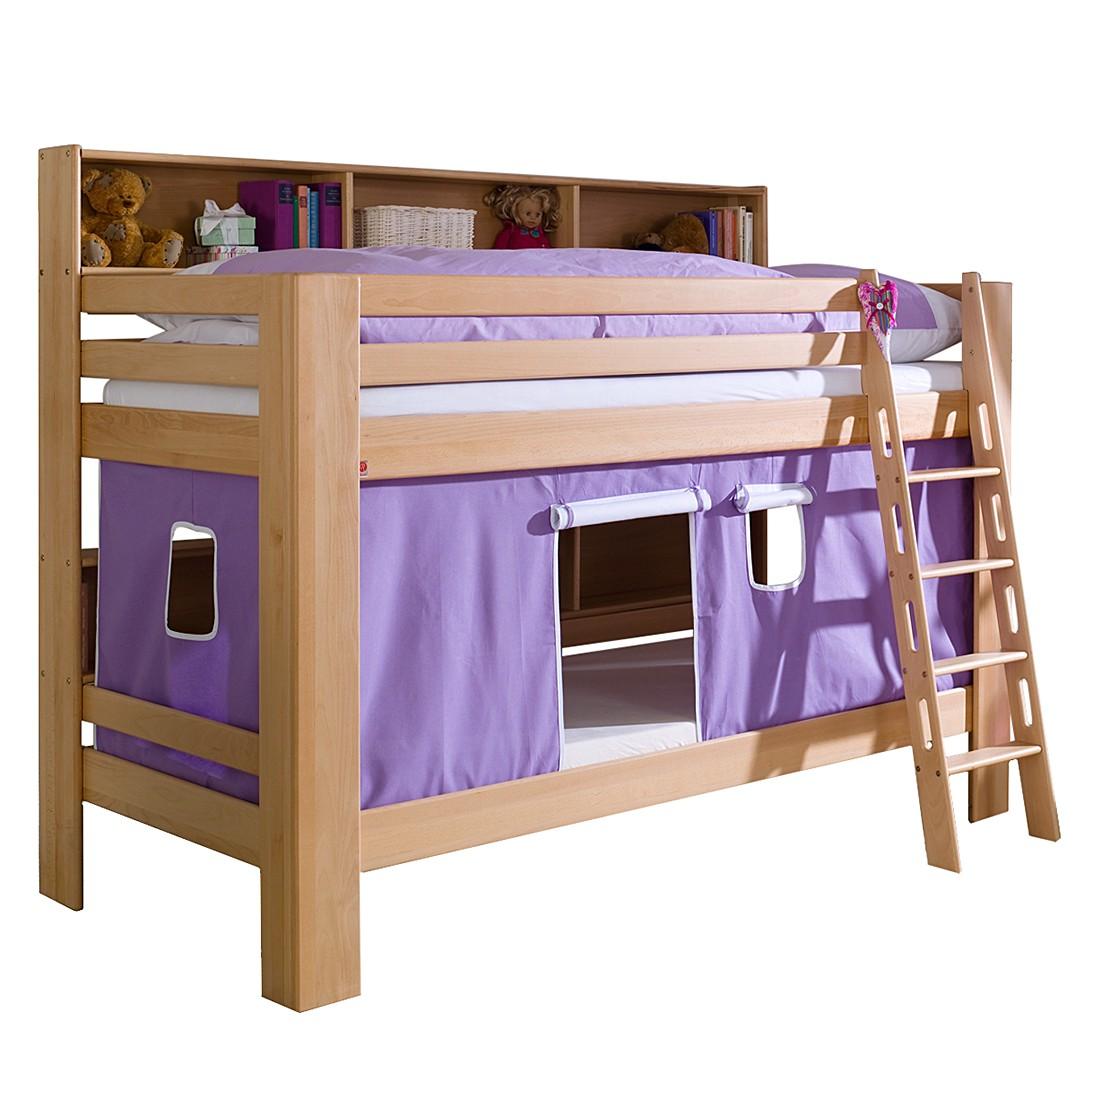 etagenbett weiss holz massiv preisvergleiche erfahrungsberichte und kauf bei nextag. Black Bedroom Furniture Sets. Home Design Ideas